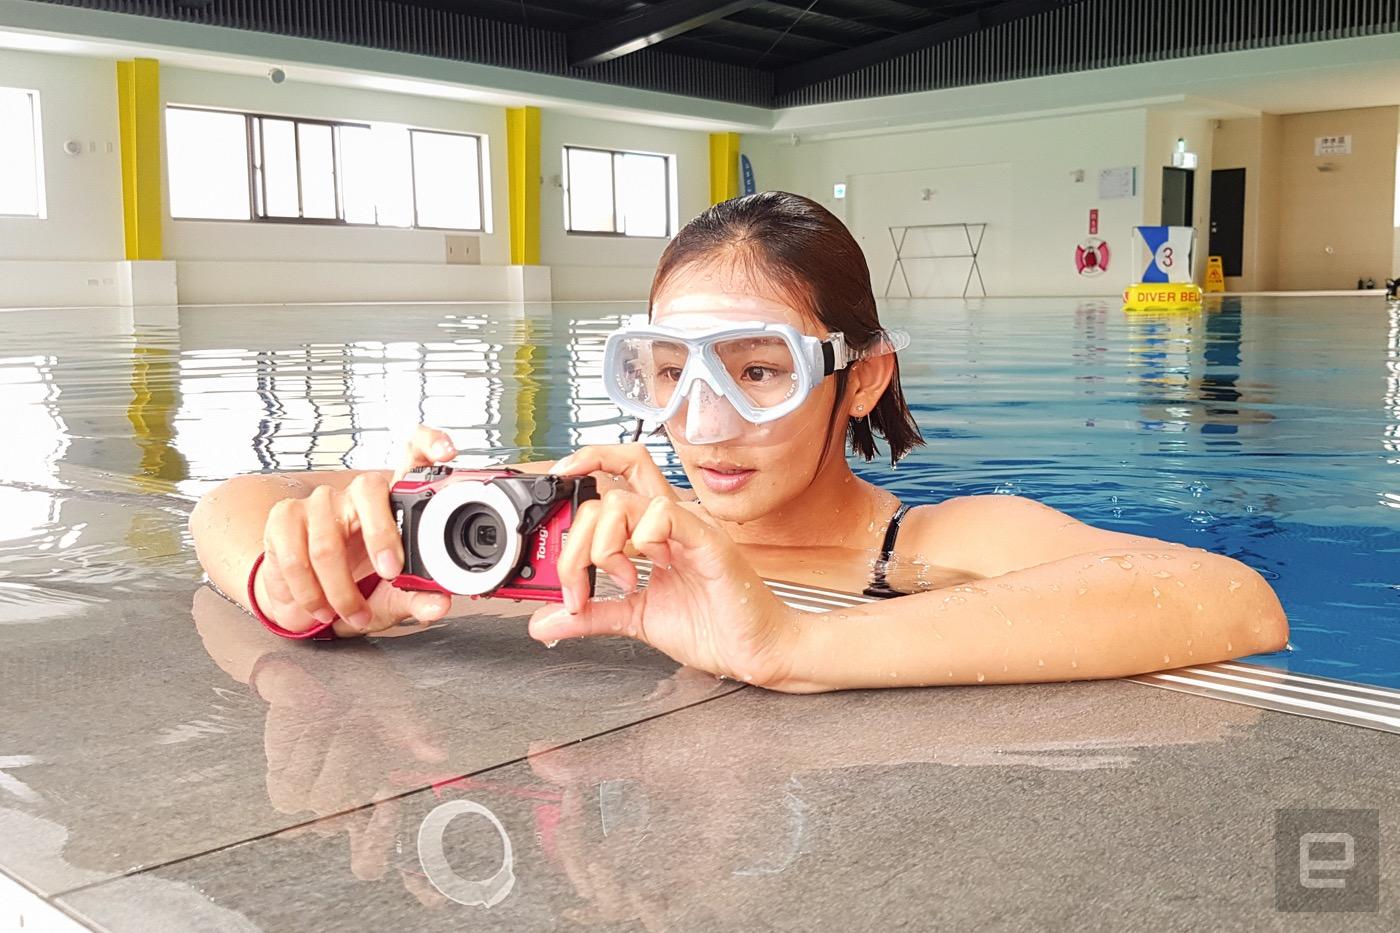 奥林巴斯 TG-5 登场:水中摄影神器再进化